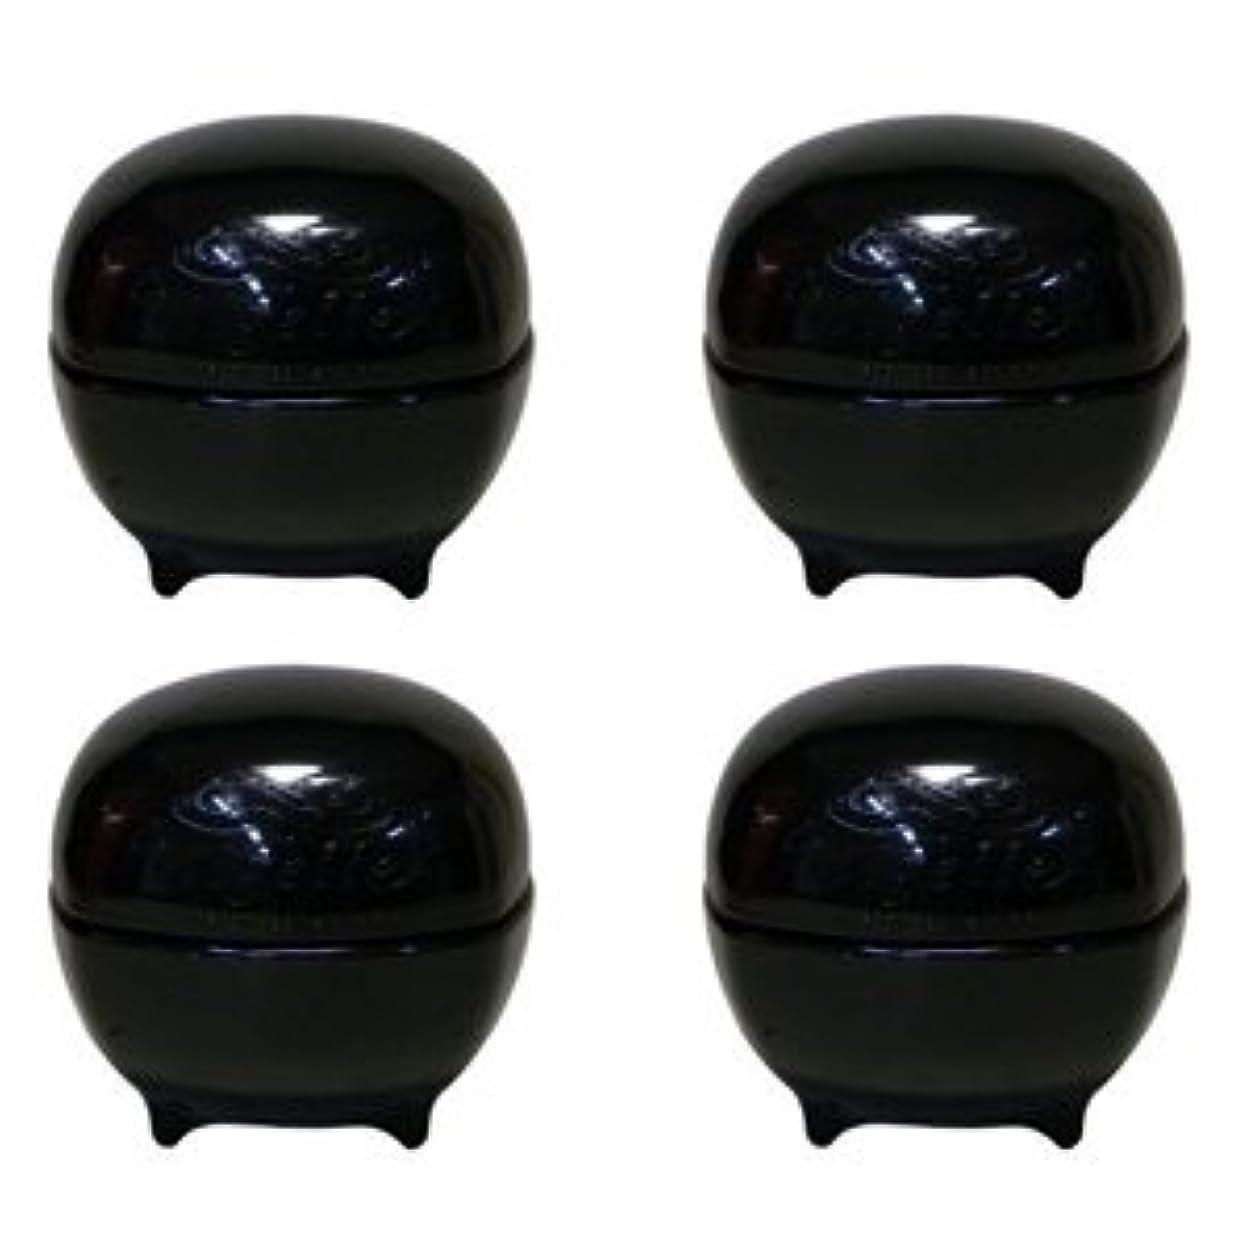 【X4個セット】 ミルボン ニゼル グラスプワックス 80g (ニゼルドレシアコレクション) GRASP WAX MILBON